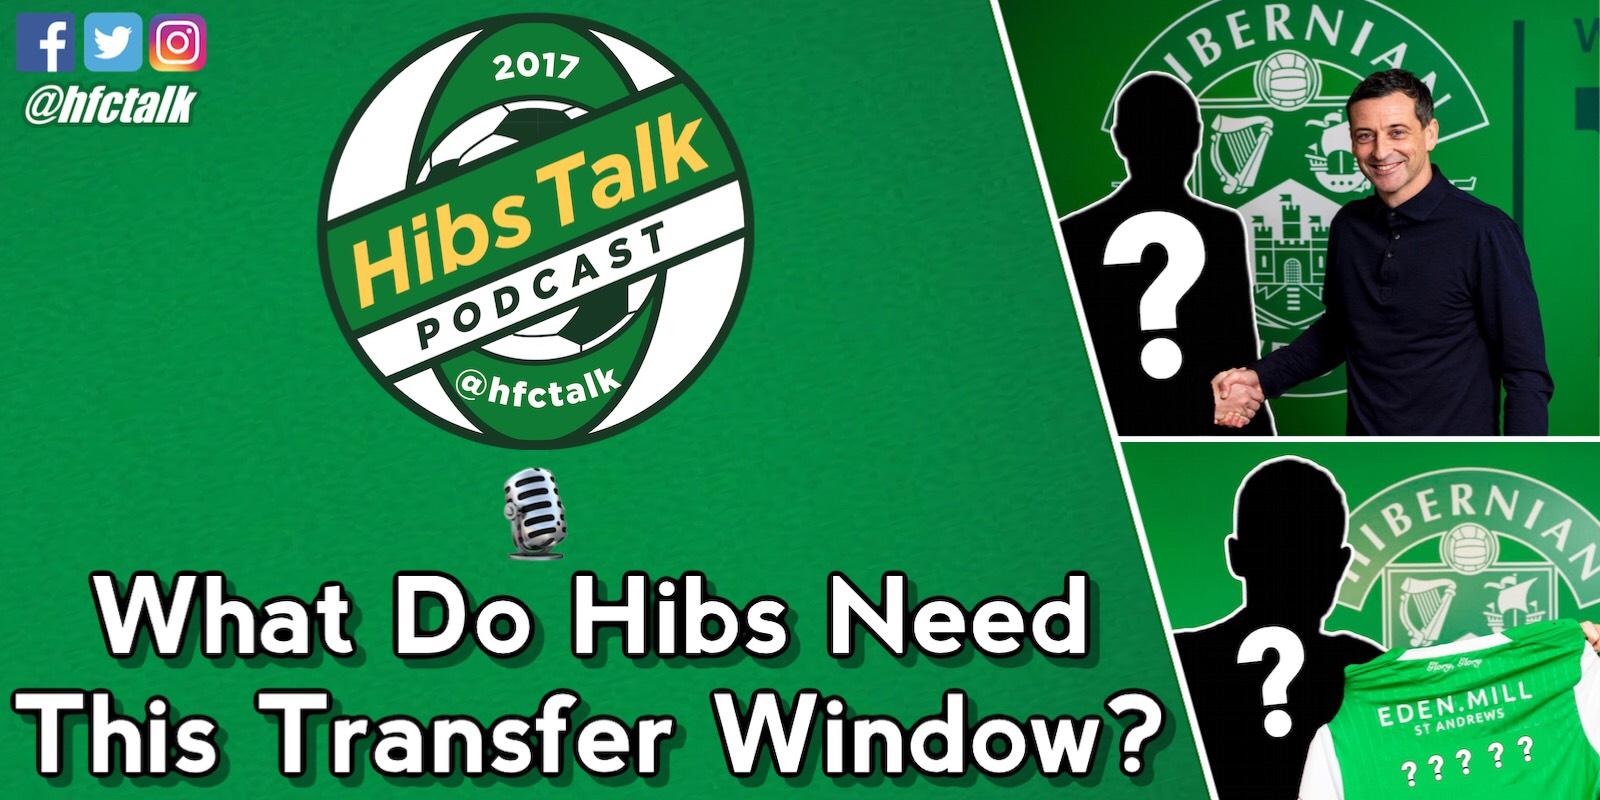 hibstalk.com